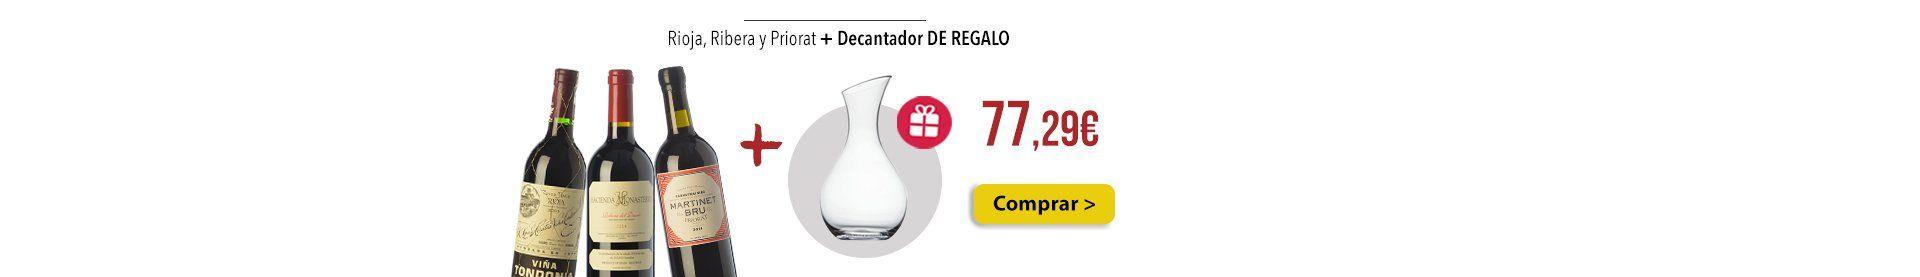 Rioja, Ribera y Priorat + Decantador DE REGALO